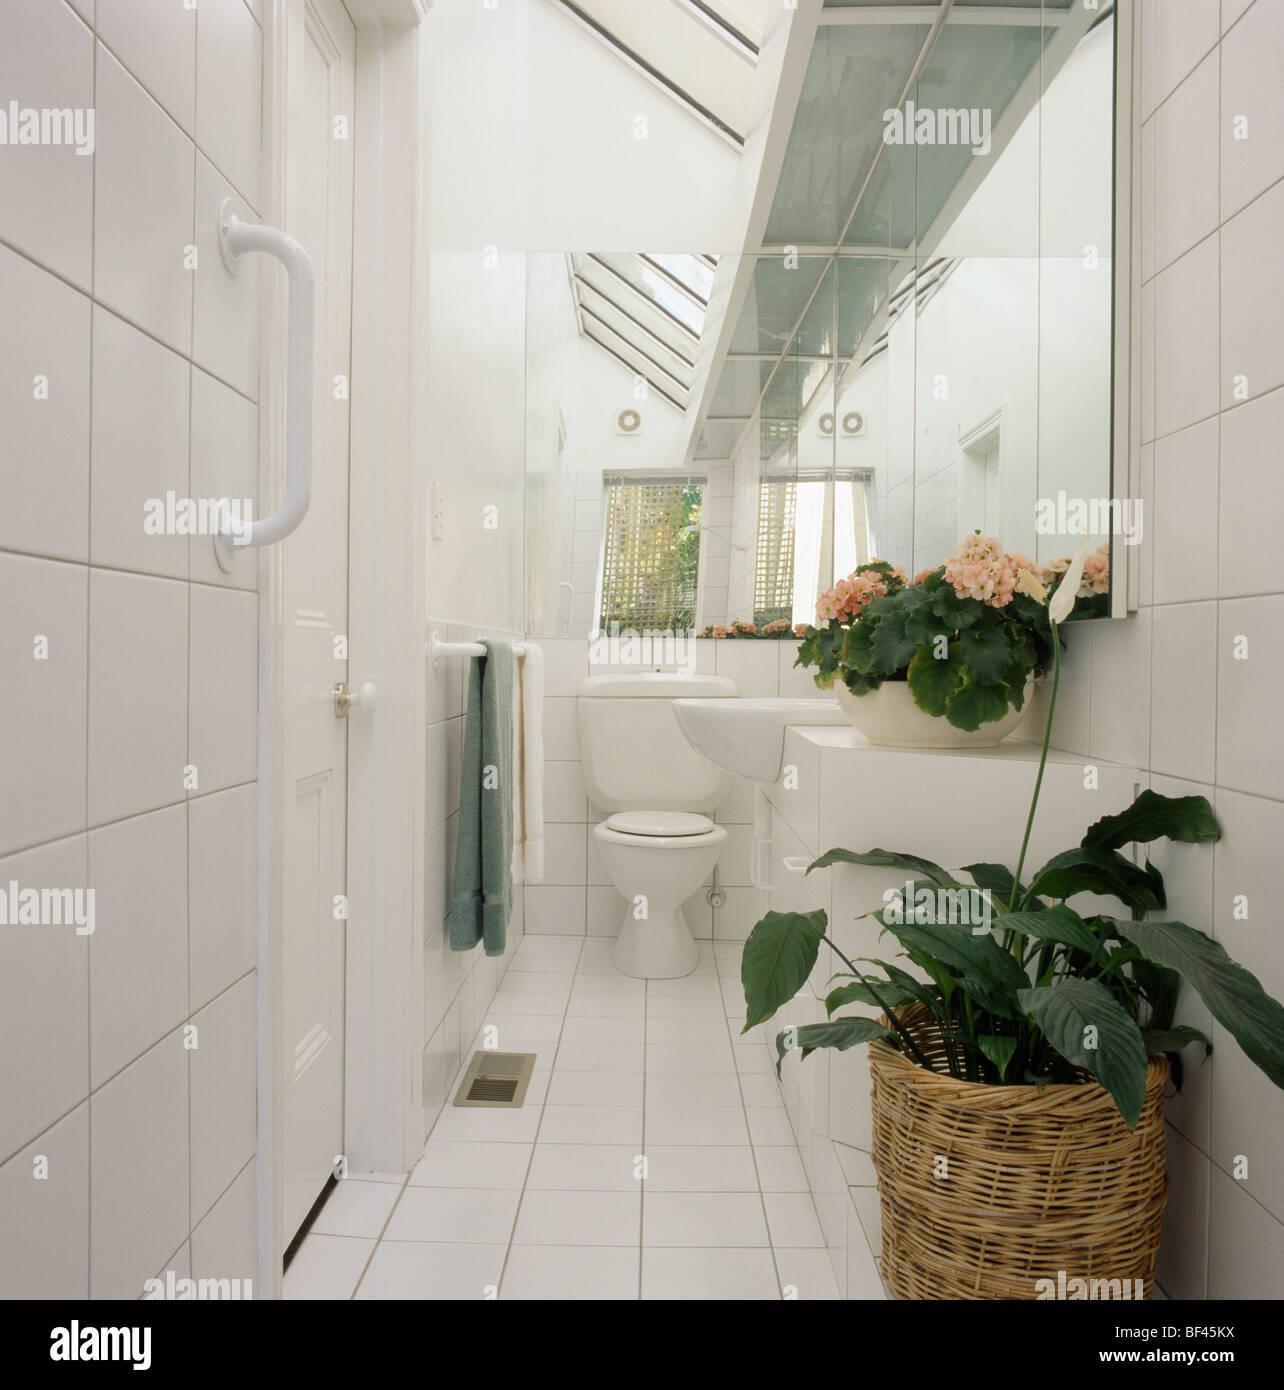 Kleine schmale moderne weiß gefliestes Badezimmer Erweiterung mit ...